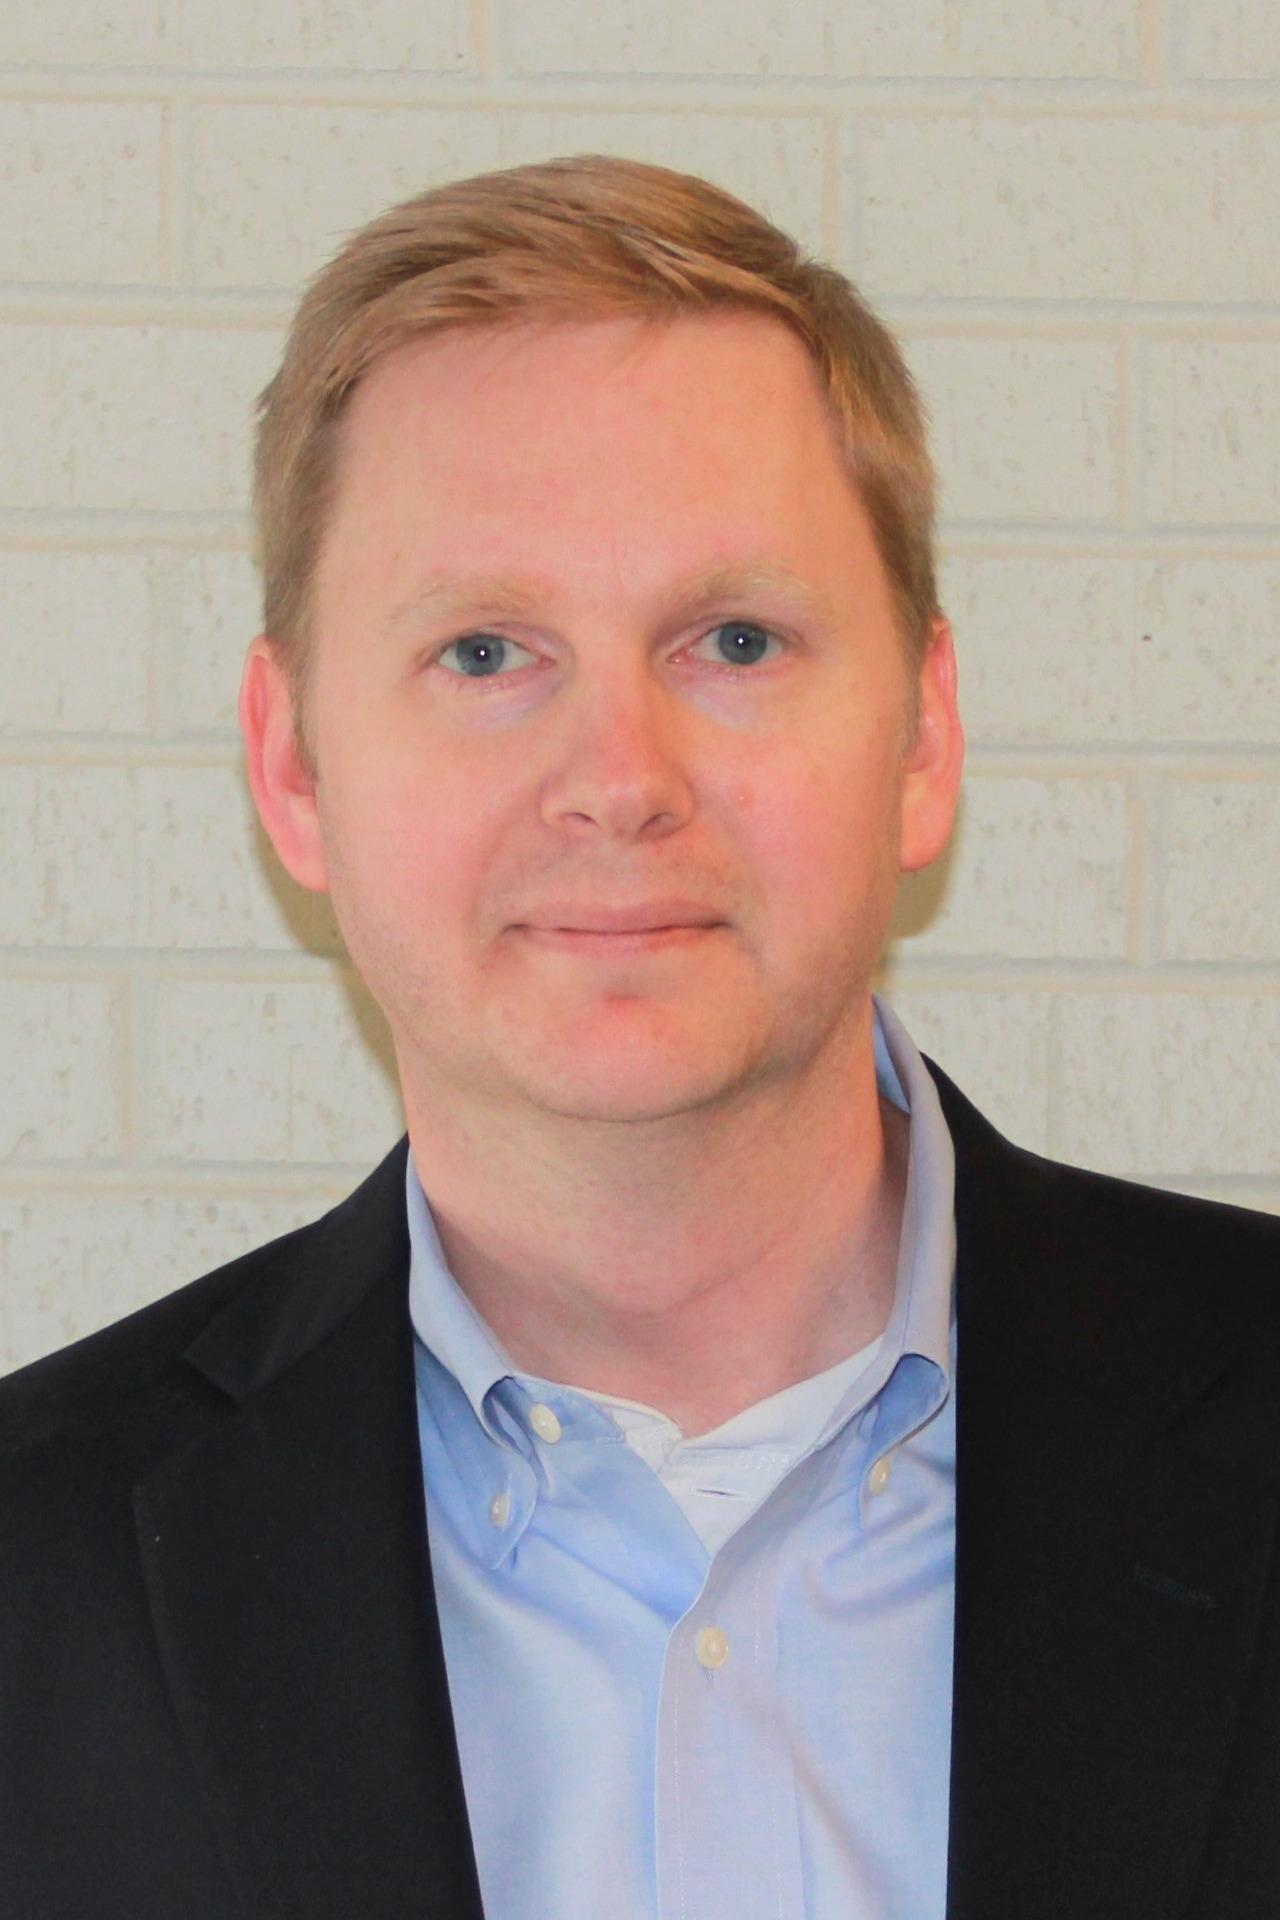 Daniel H. Moran